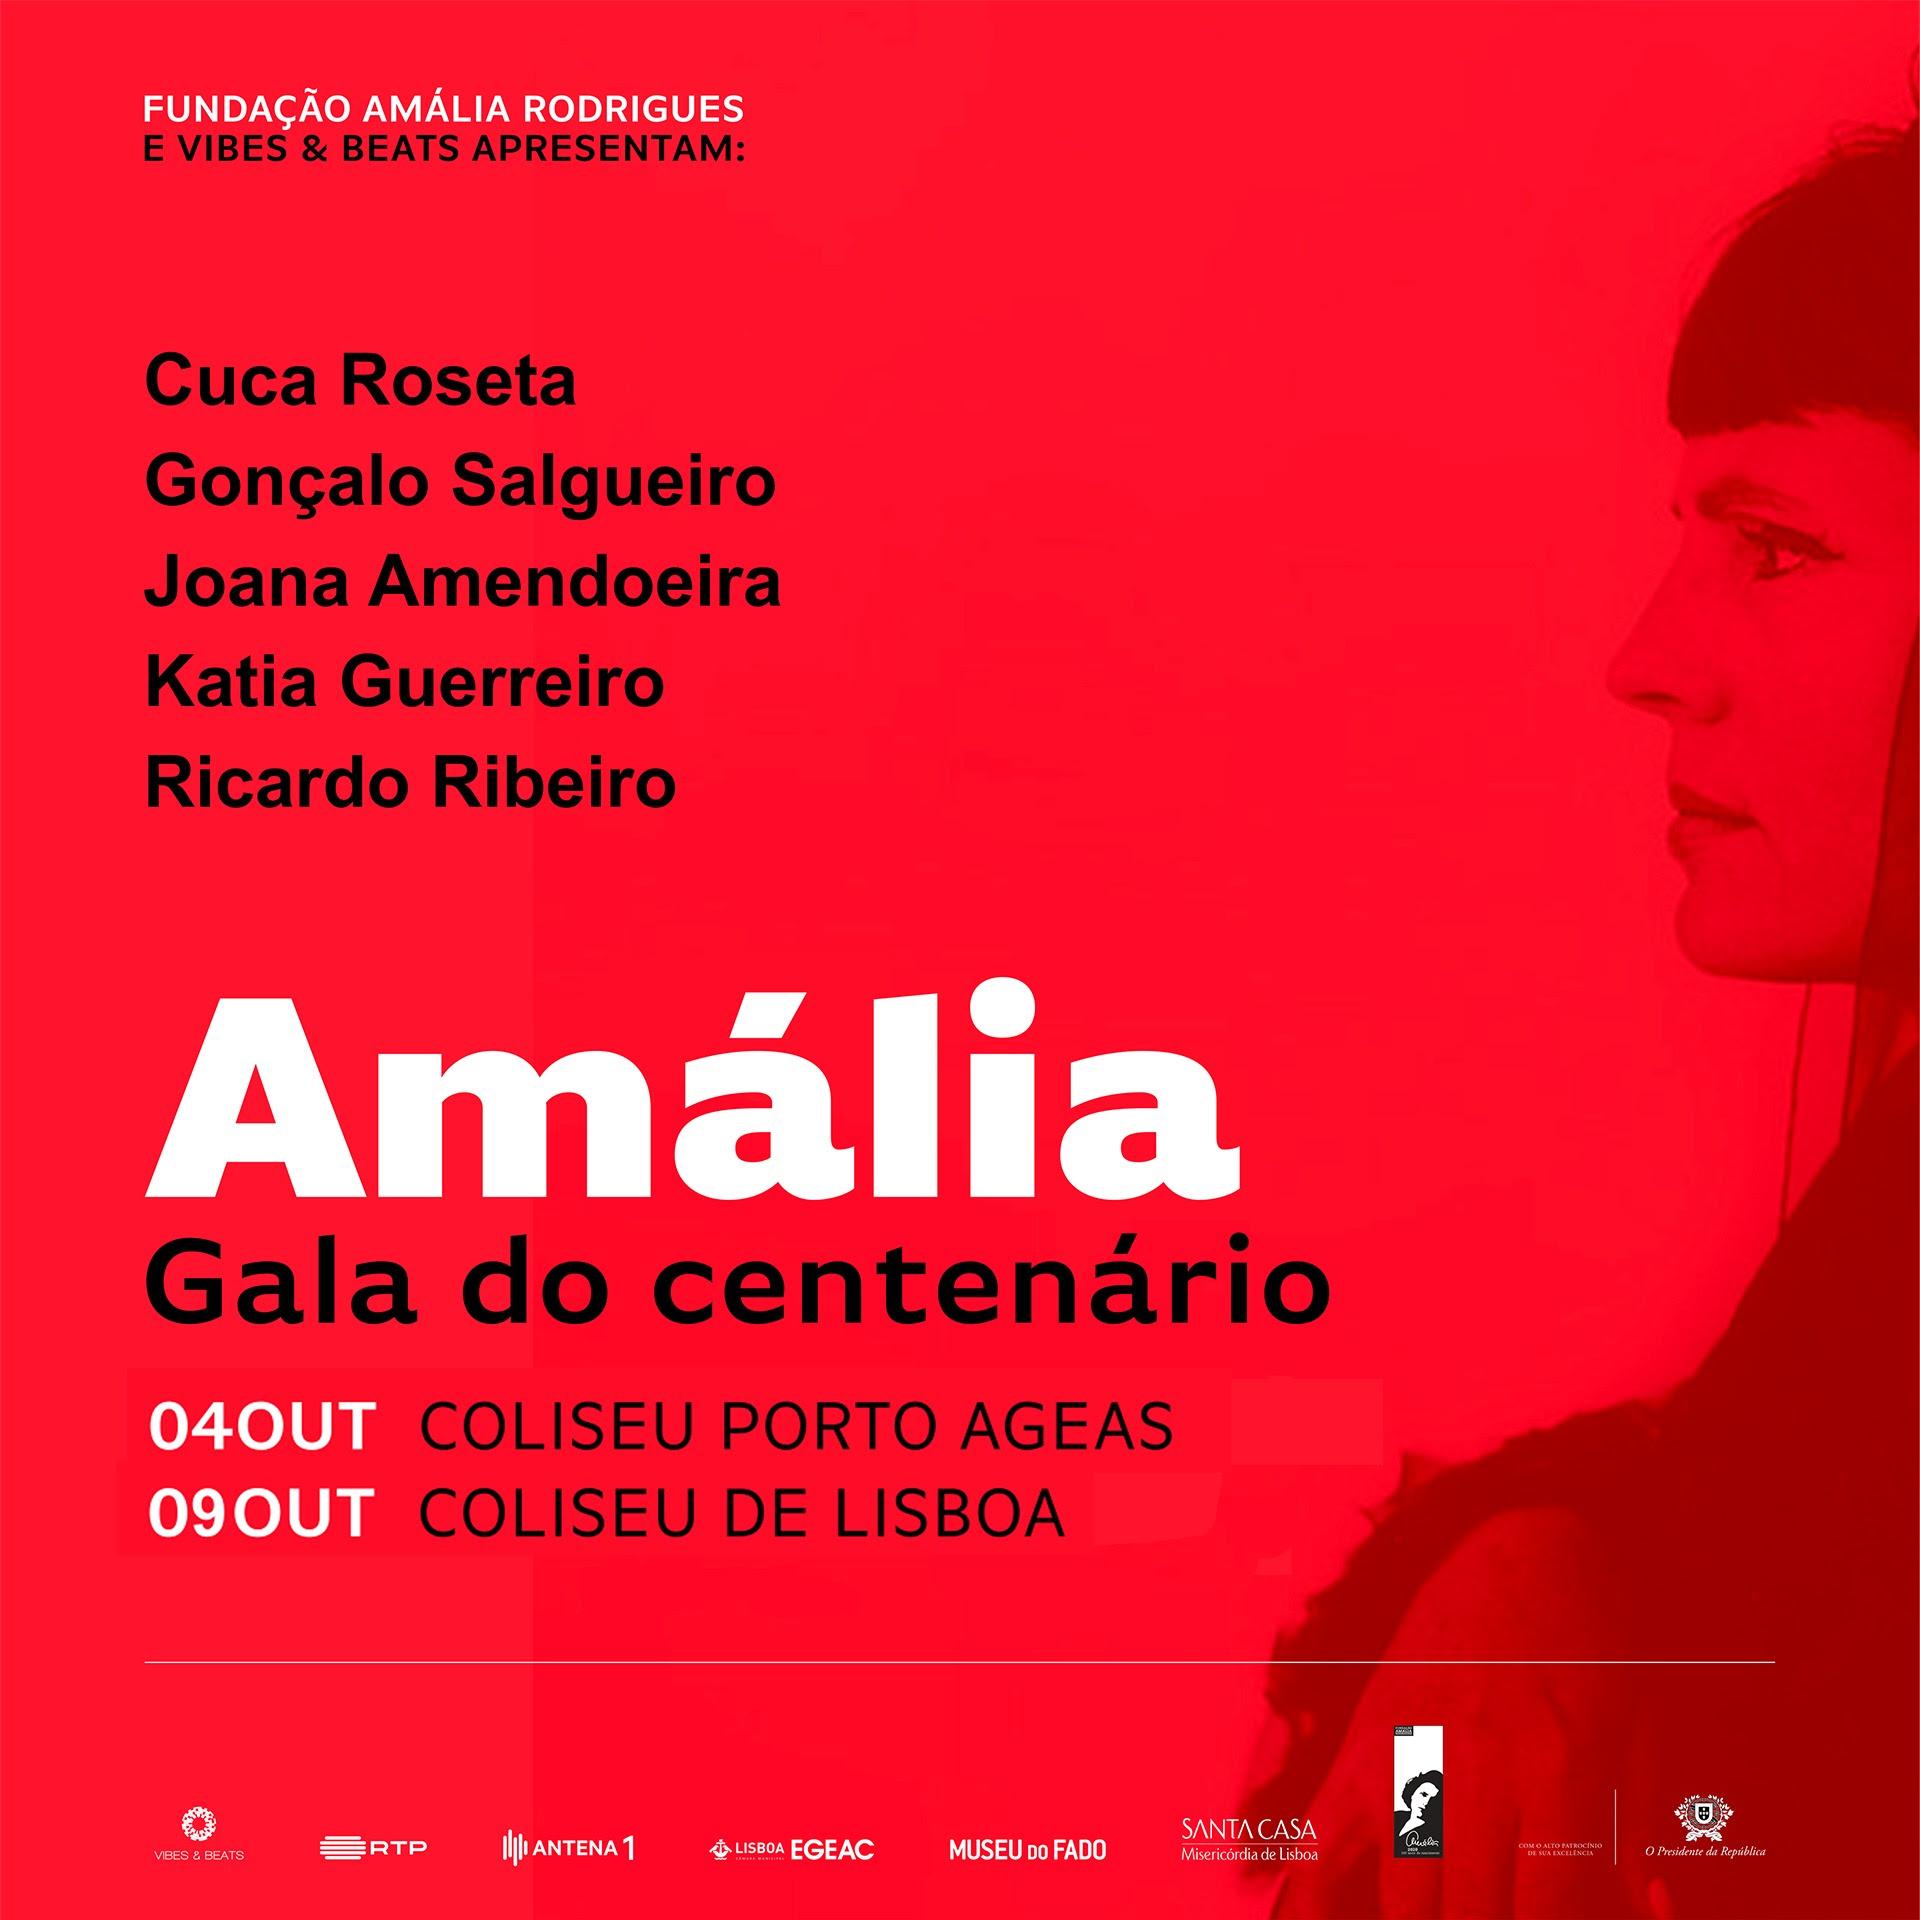 Homenagem a Amália Rodrigues dos 100 anos do nascimento - concerto